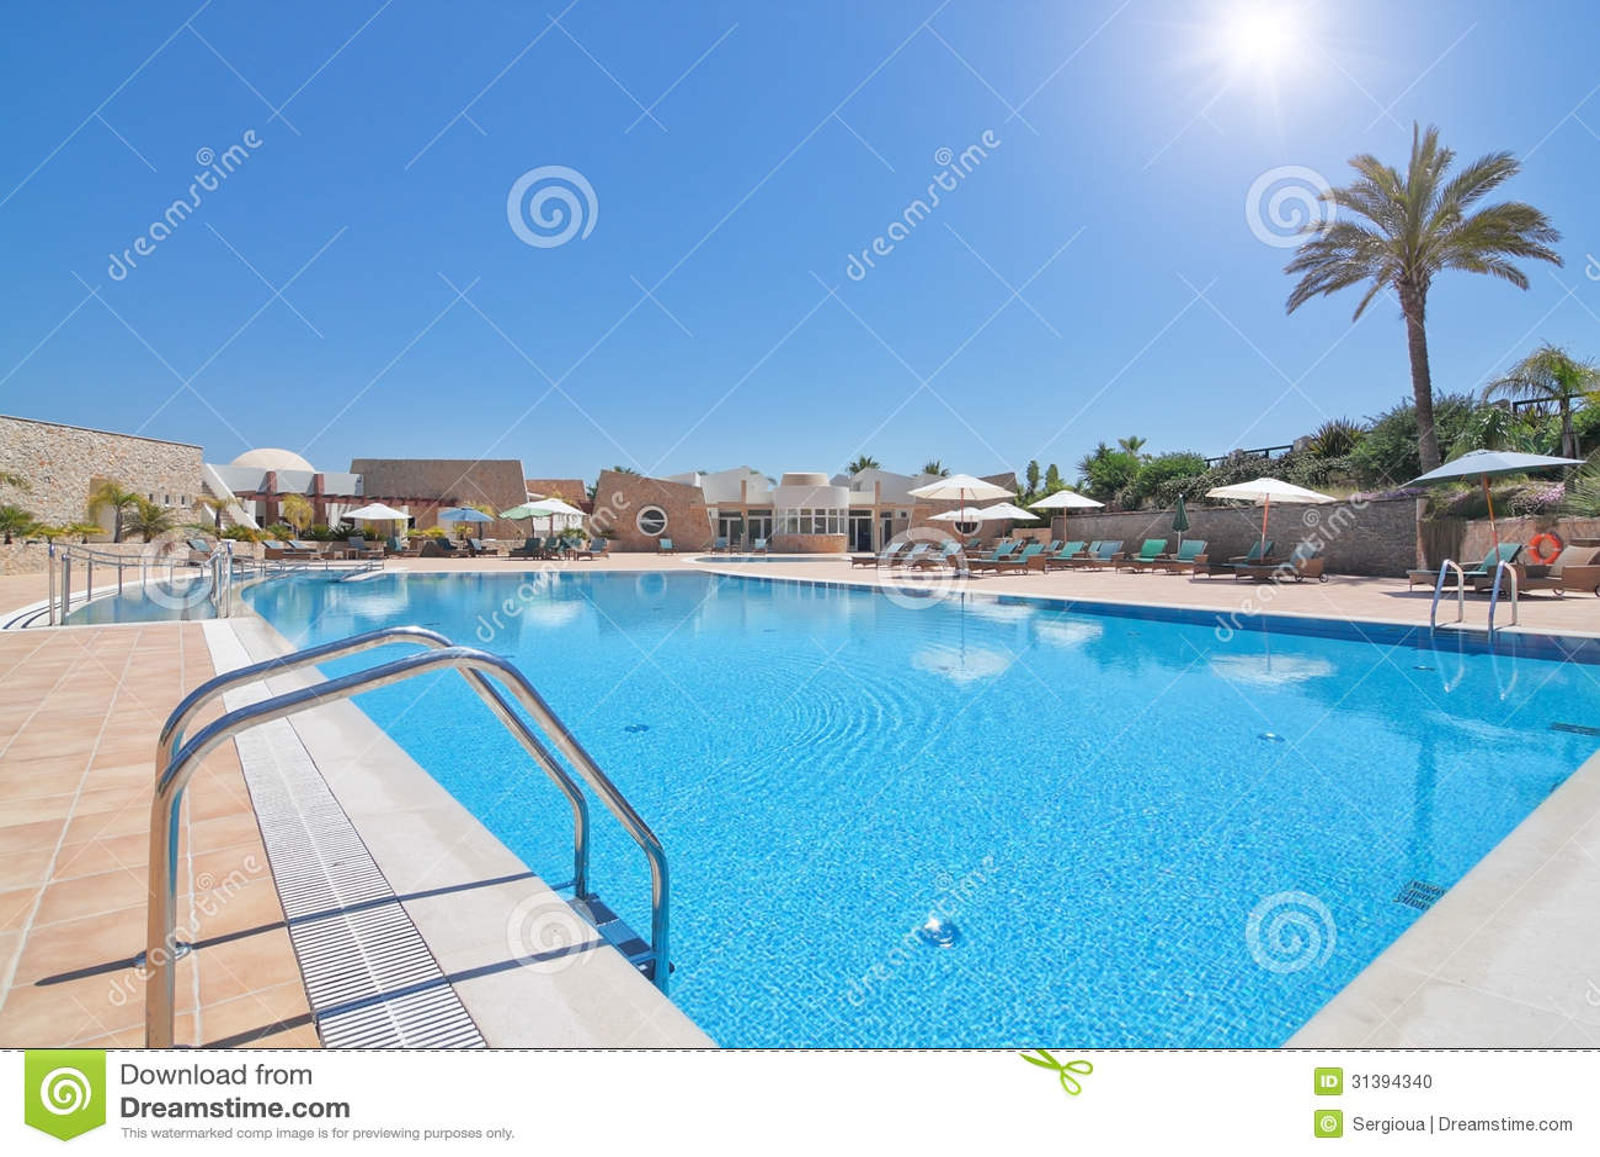 Mooi modern zwembad voor een ontspannende familievakantie stock foto afbeelding 31394340 for Modern zwembad